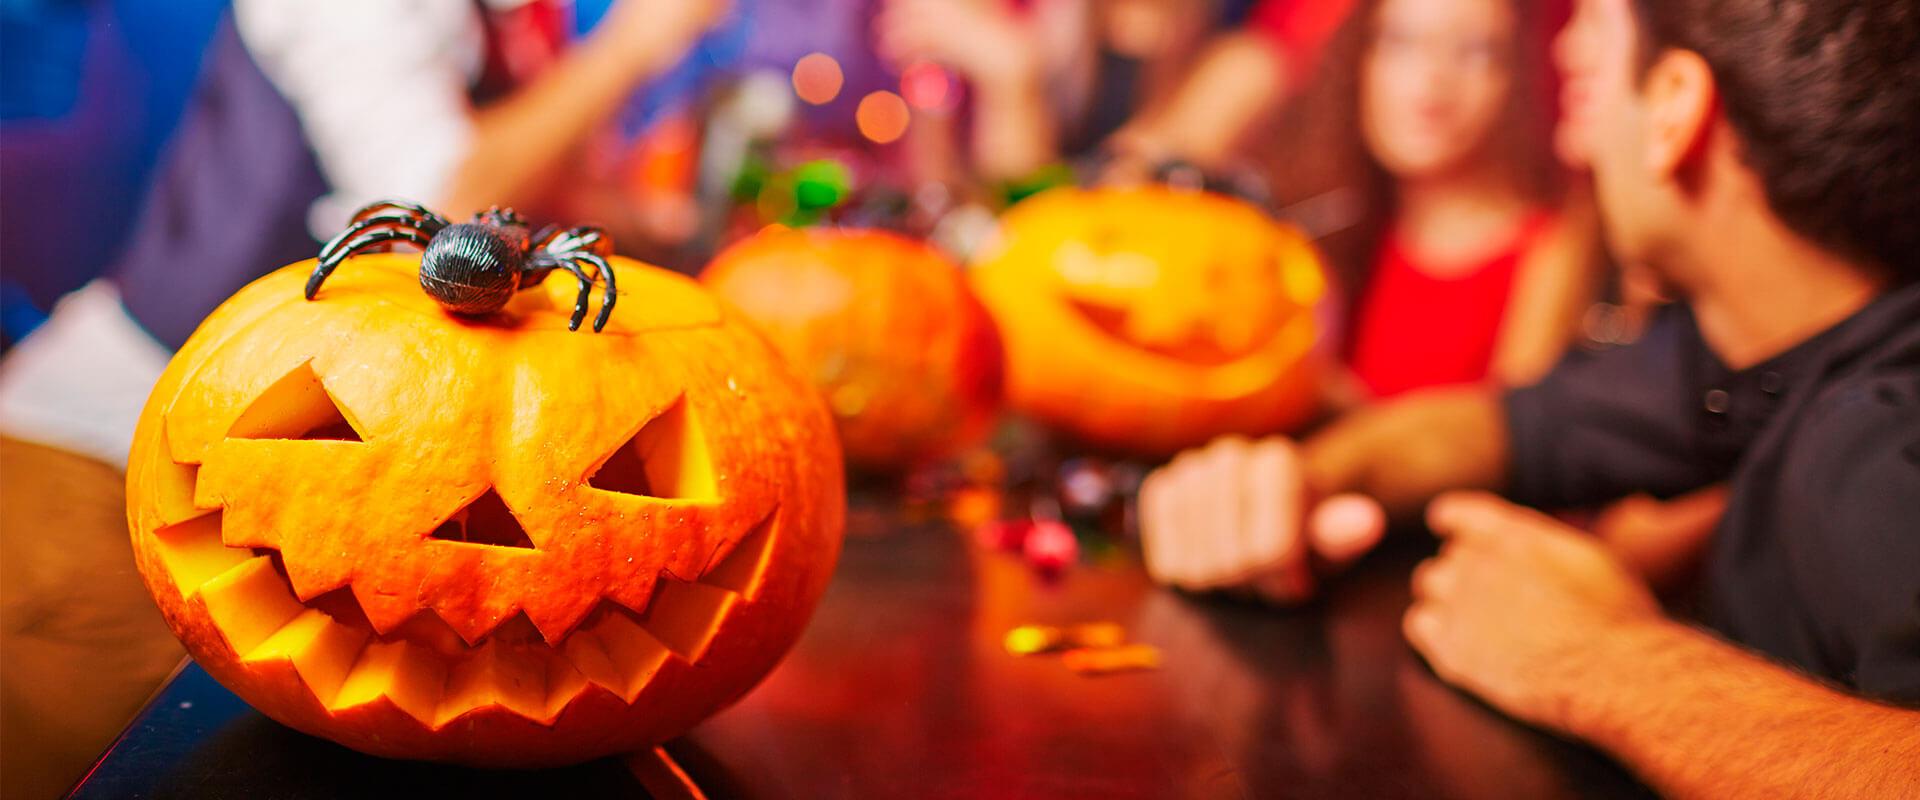 Fiesta de Halloween ambientada con las luces láser Startastic.